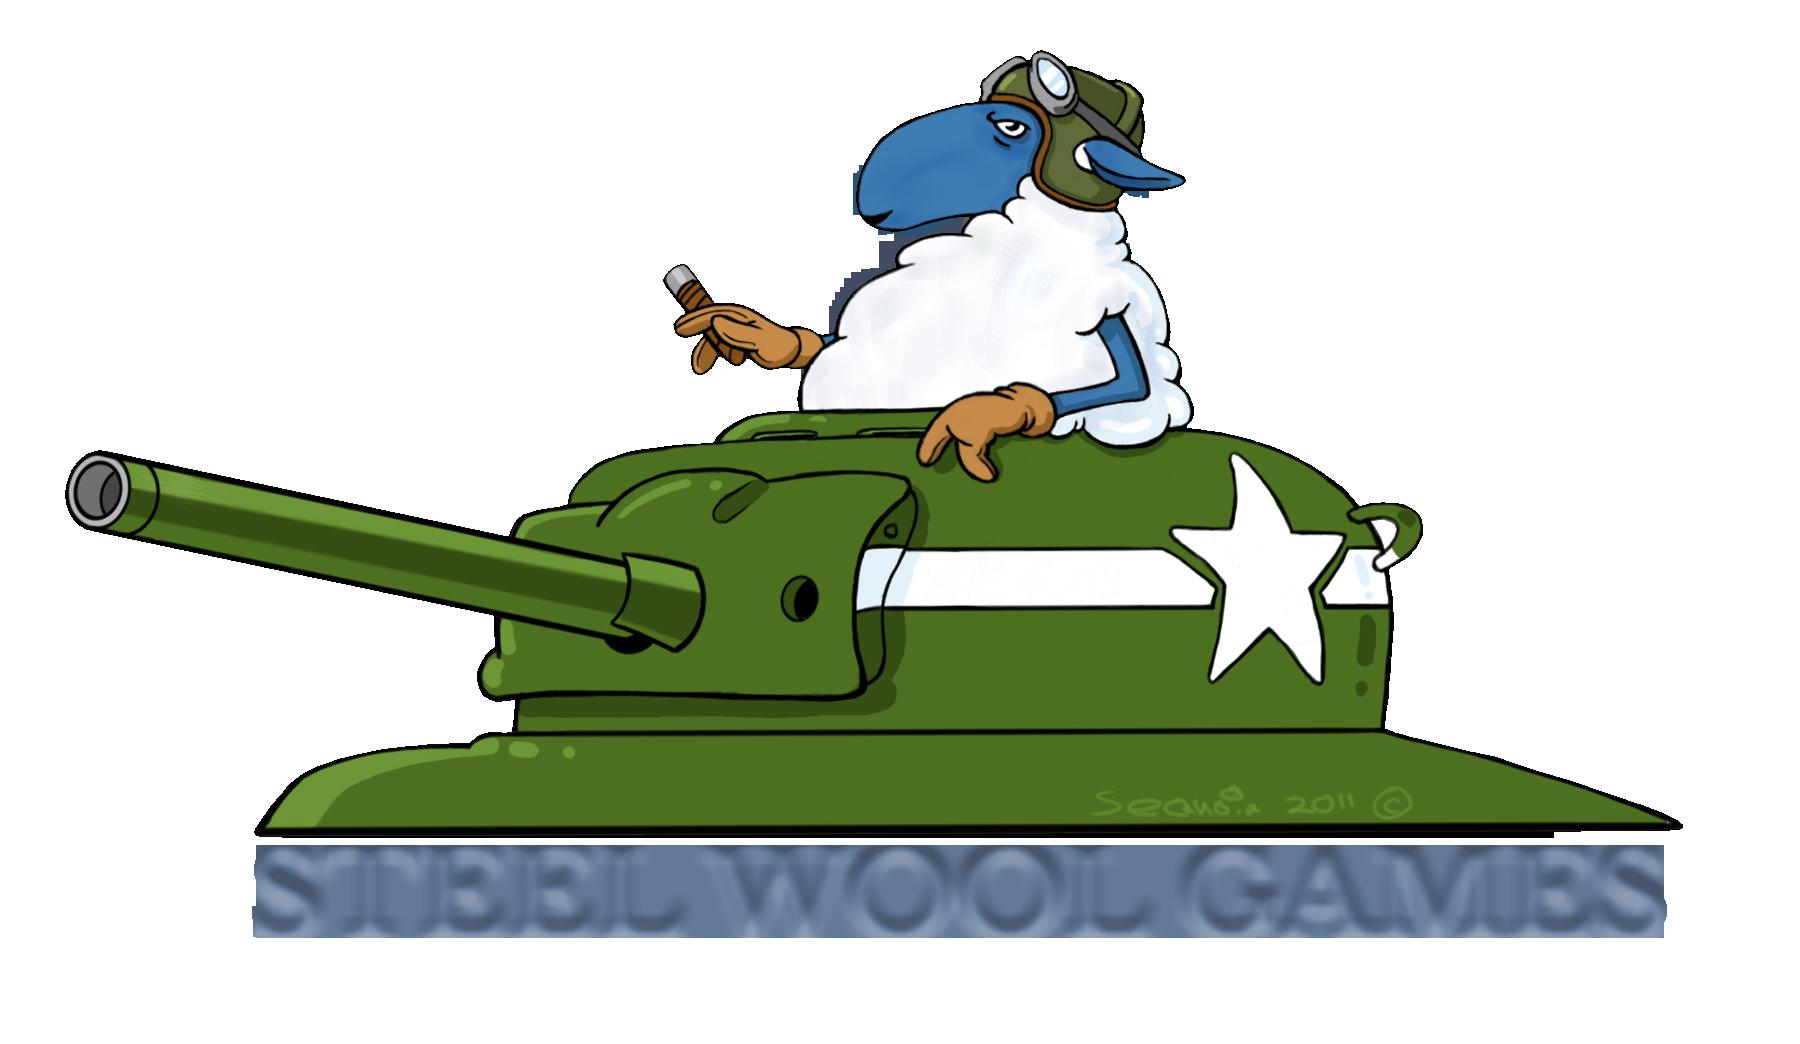 Steel Wool Games